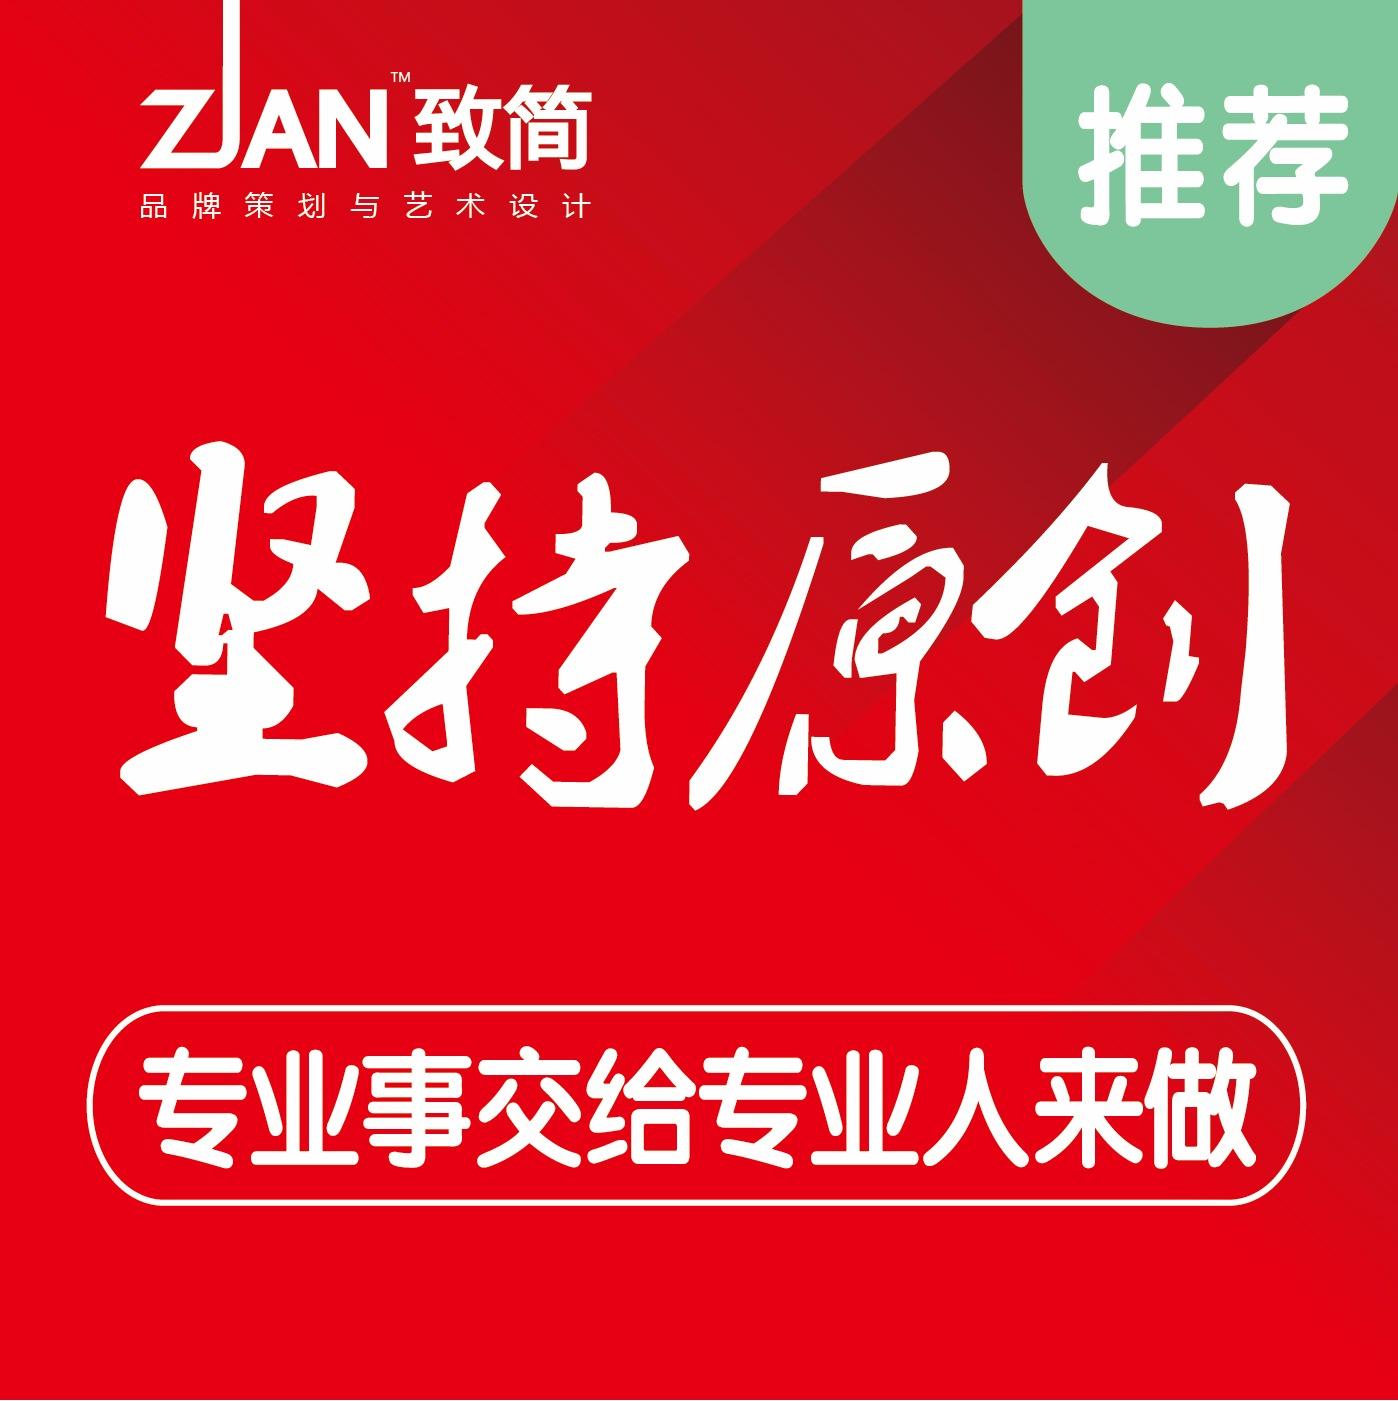 【致简logo设计】文化教育乐器琴行美术艺术机构公司标志设计